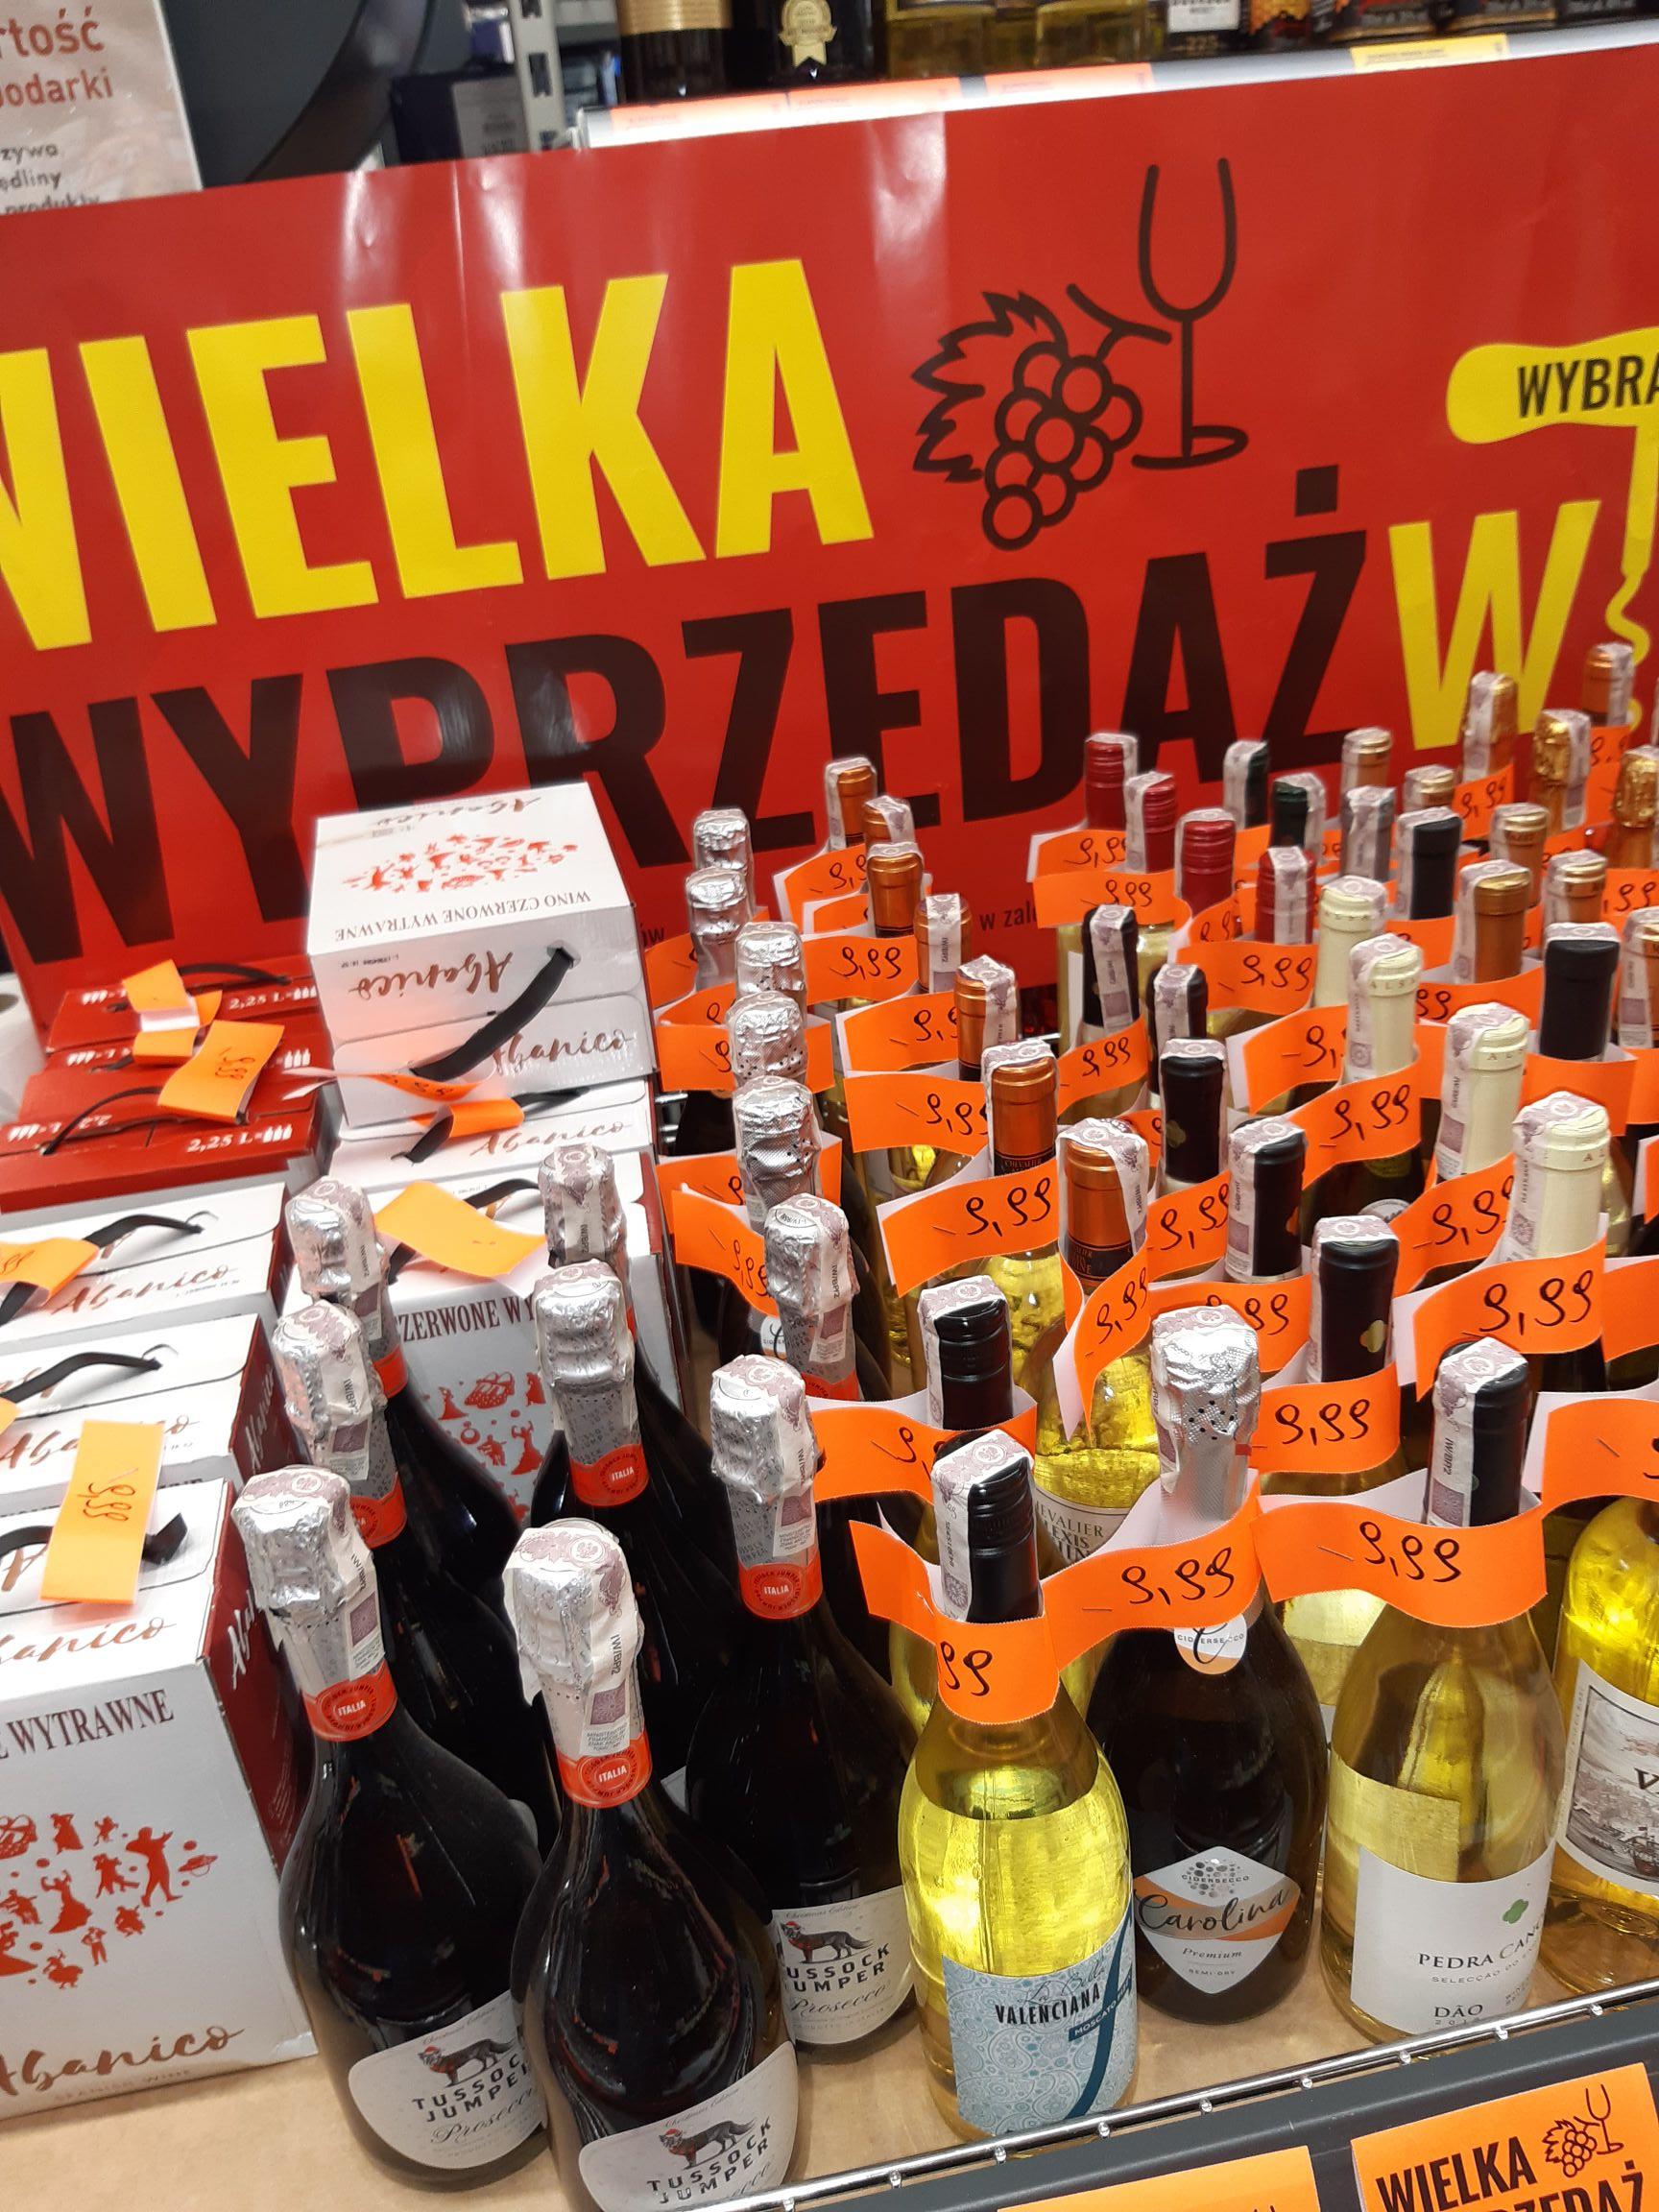 Wielka wyprzedaż win - Biedronka - ogólnopolska.